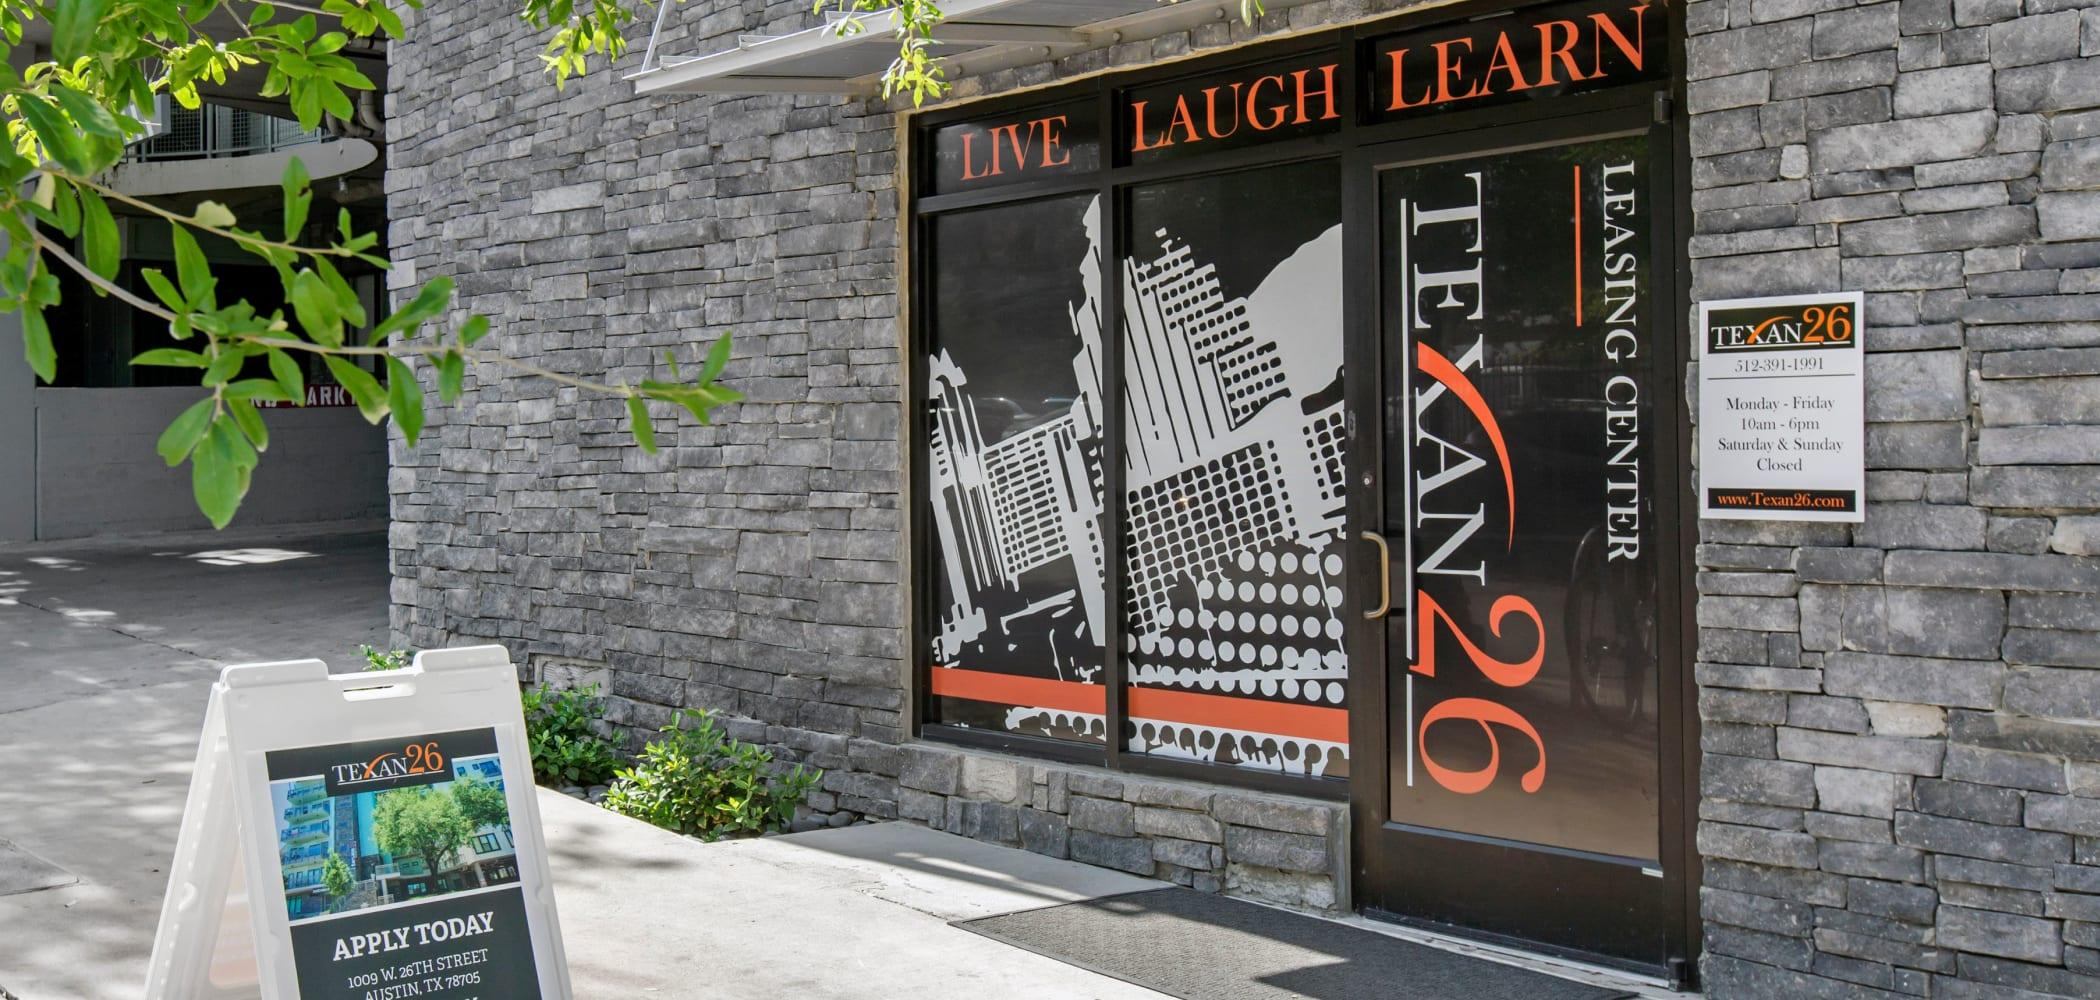 Lobby entrance at Texan 26 in Austin, Texas